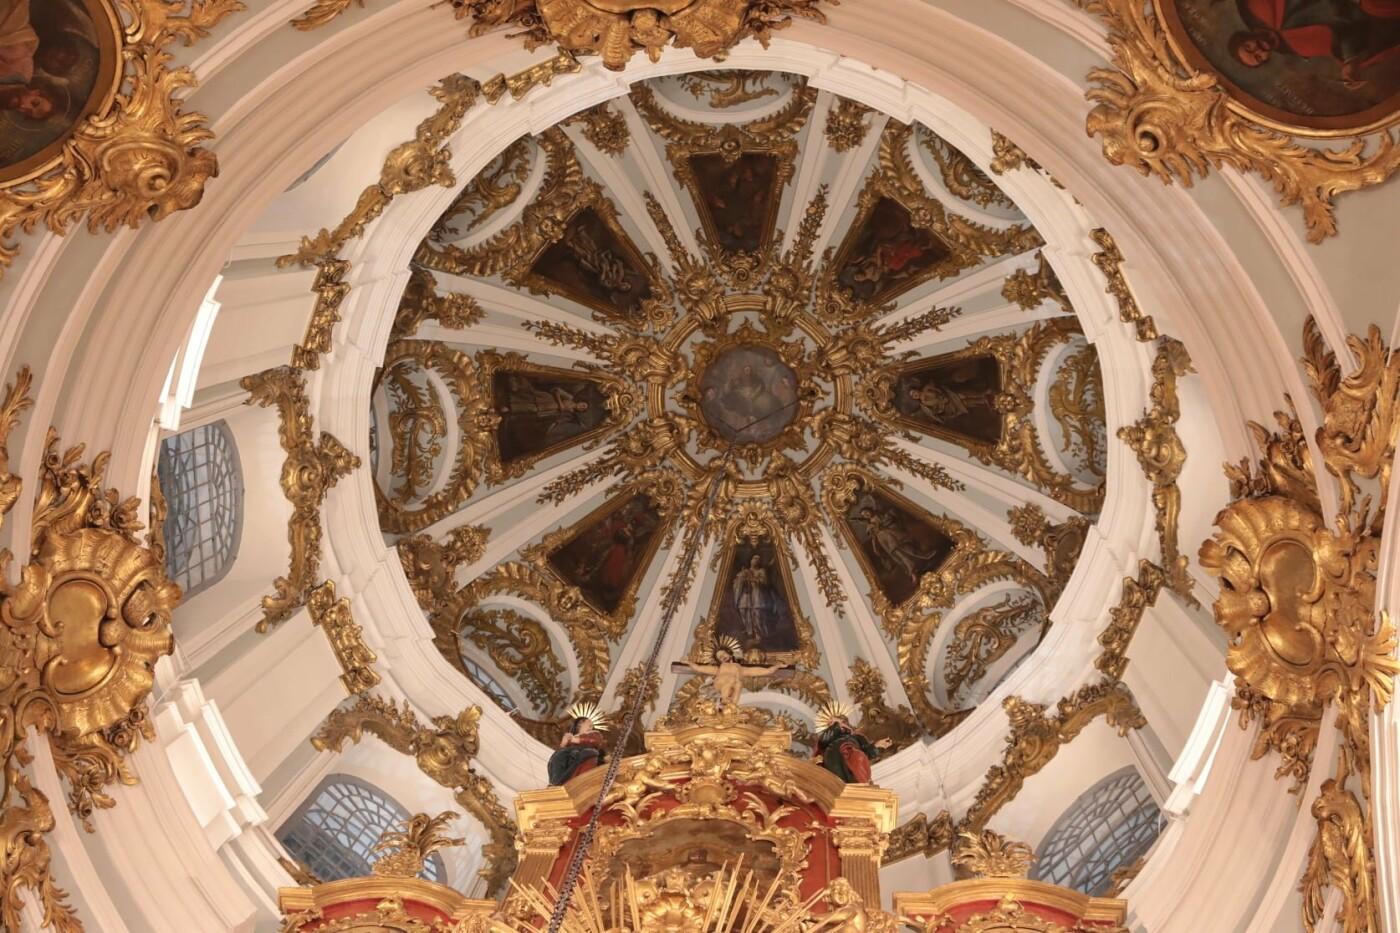 В Киеве после масштабной реставрации открылась Андреевская церковь, Фото: Олександр Ткаченко